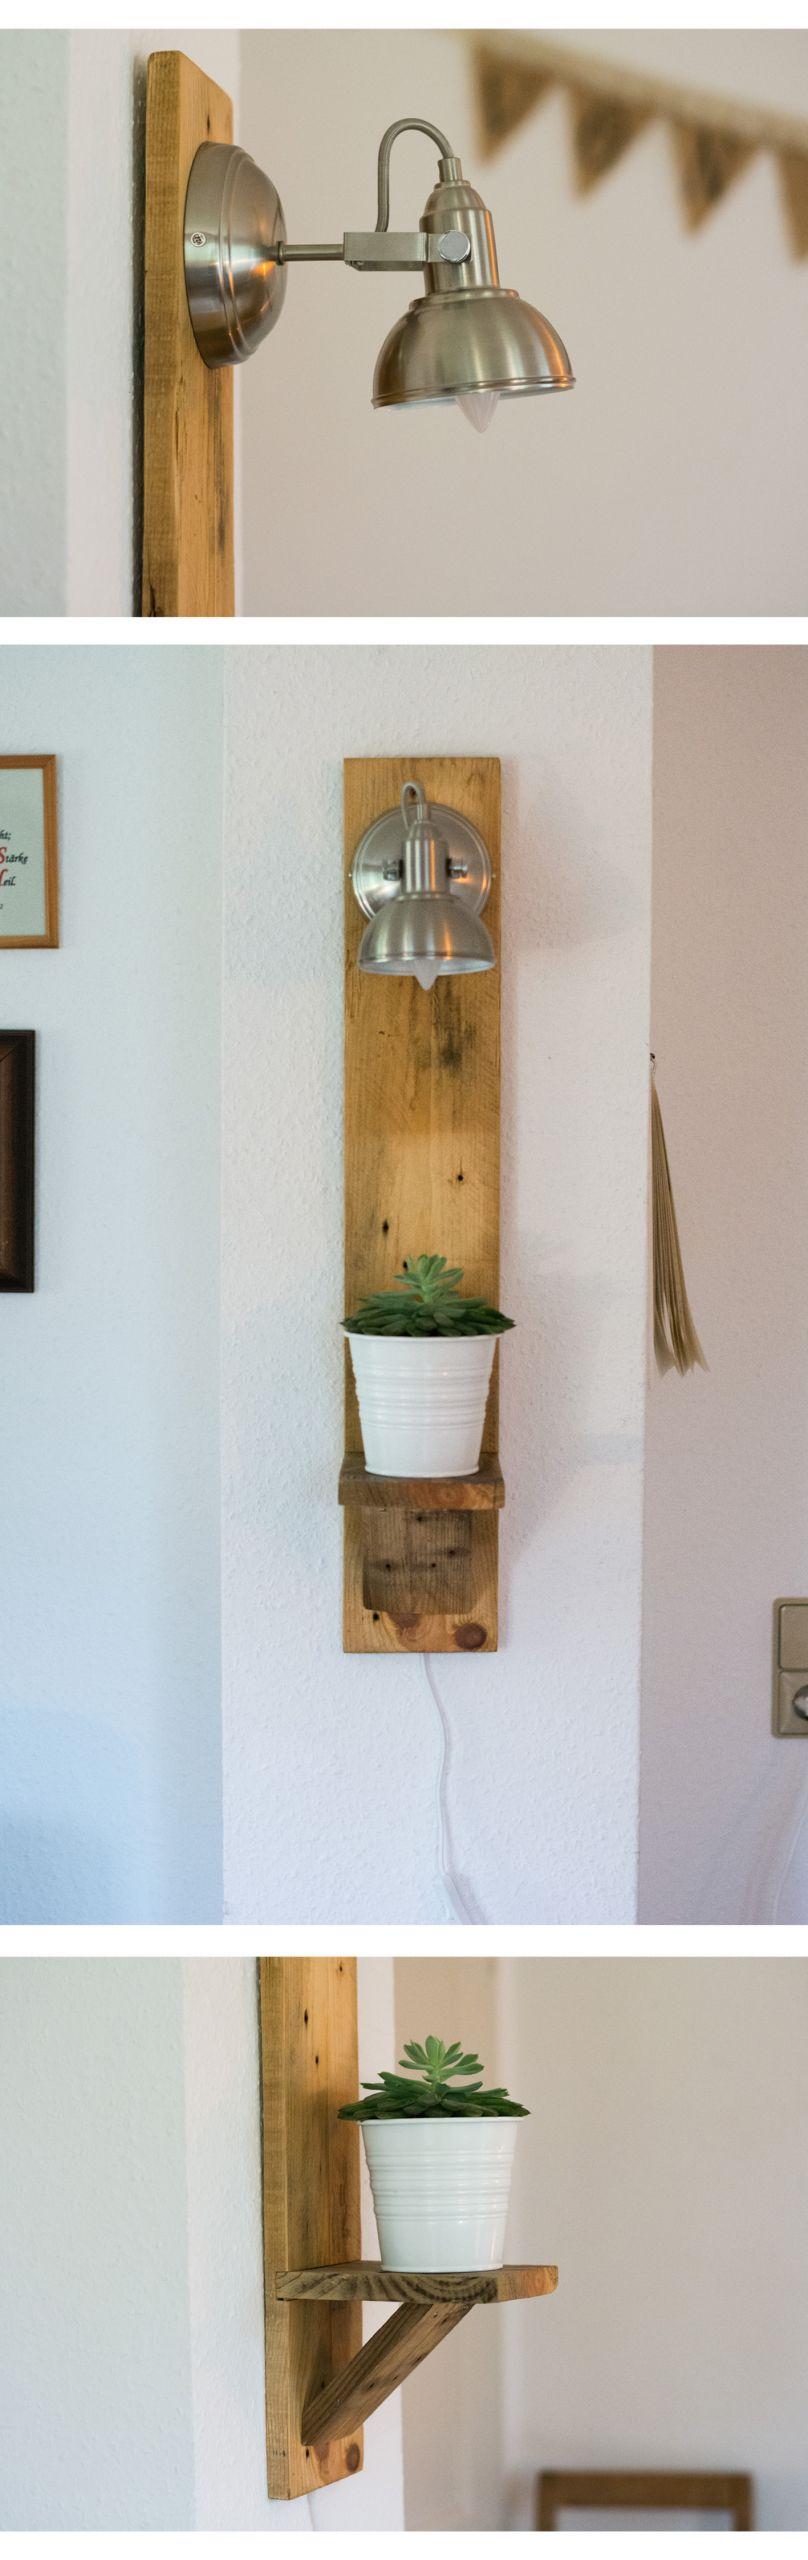 Alte Holzbretter Dekorieren Frisch Diy Wandlampe Aus Altem Paletten Brett